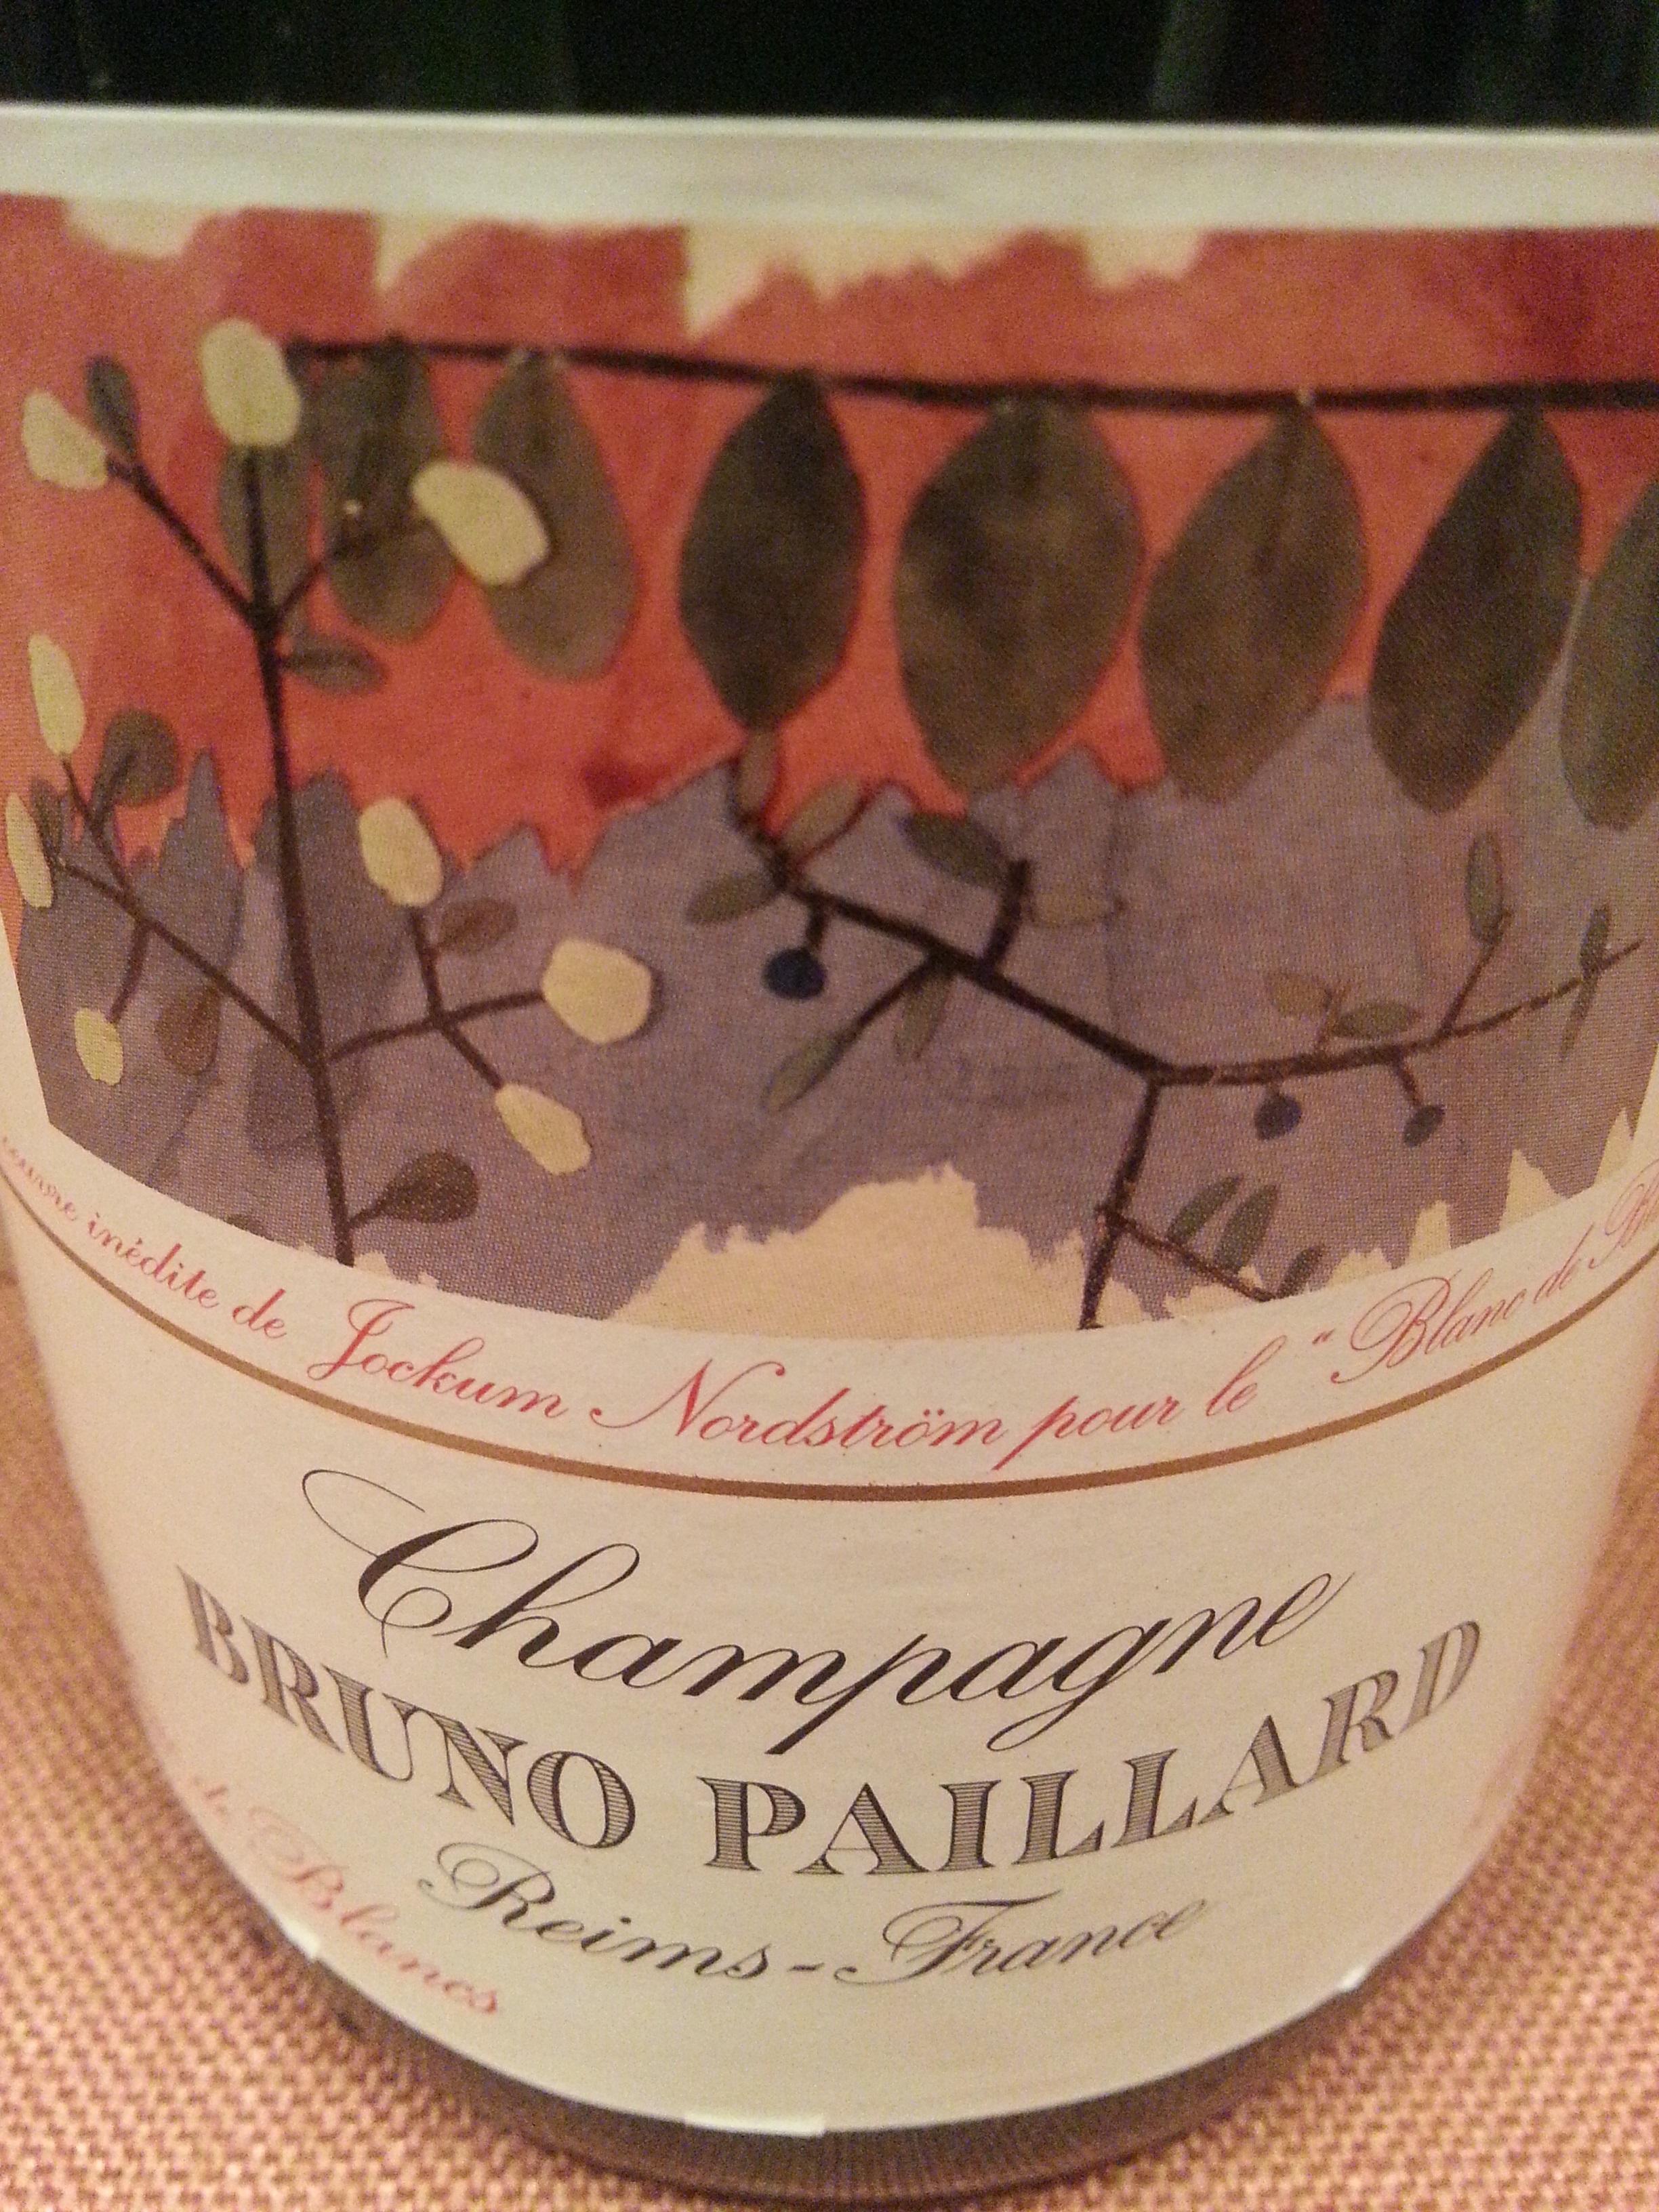 2006 Champagne Blanc de Blancs | Paillard